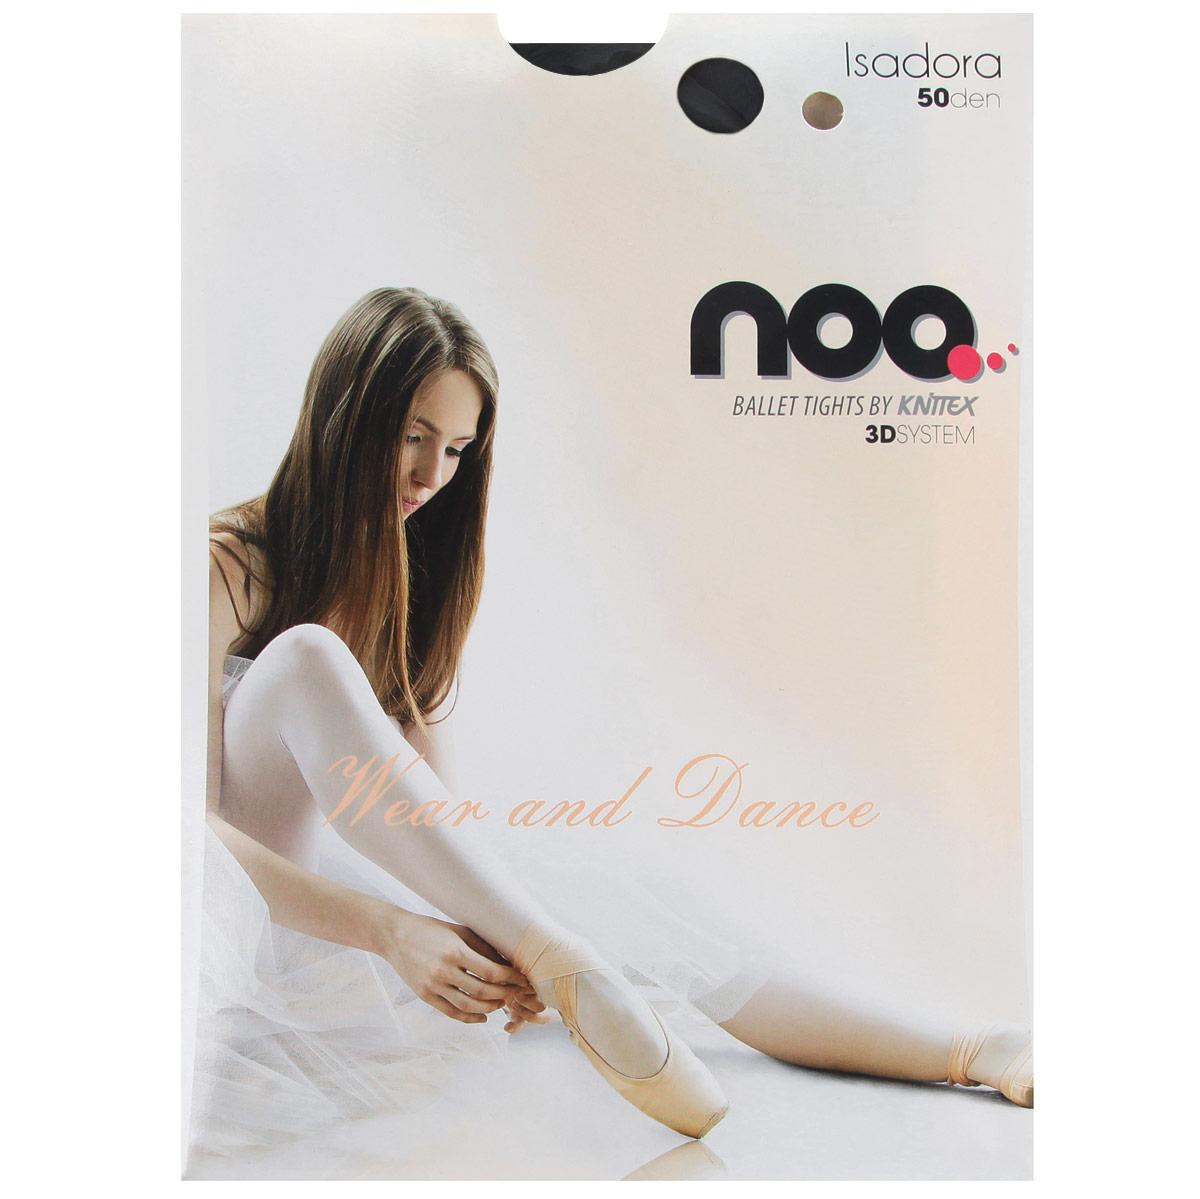 Колготки для девочки Knittex Noo Isadora, цвет: черный. RWELURV_2. Размер 128/146, 10-13 летRWELURV_2Стильные детские колготки Knittex Noo Isadora изготовлены специально для девочек. Плотные непрозрачные колготки, изготовленные с применением 3D-технологий, идеально подходят для занятий танцами или балетом. Эти колготки чрезвычайно мягкие, они равномерно облегают ножки, не сдавливая и не доставляя дискомфорта. Эластичные швы и мягкая резинка на поясе не позволят колготам сползать и при этом не будут стеснять движений. Входящие в состав ткани полиамид и эластан предотвращают растяжение и деформацию после стирки.Красивые и прочные колготки подойдут к любым нарядам маленькой модницы.Классические колготки - это идеальное решение на каждый день для прогулки, школы, яслей или садика. Такие колготки станут великолепным дополнением к гардеробу вашей красавицы.